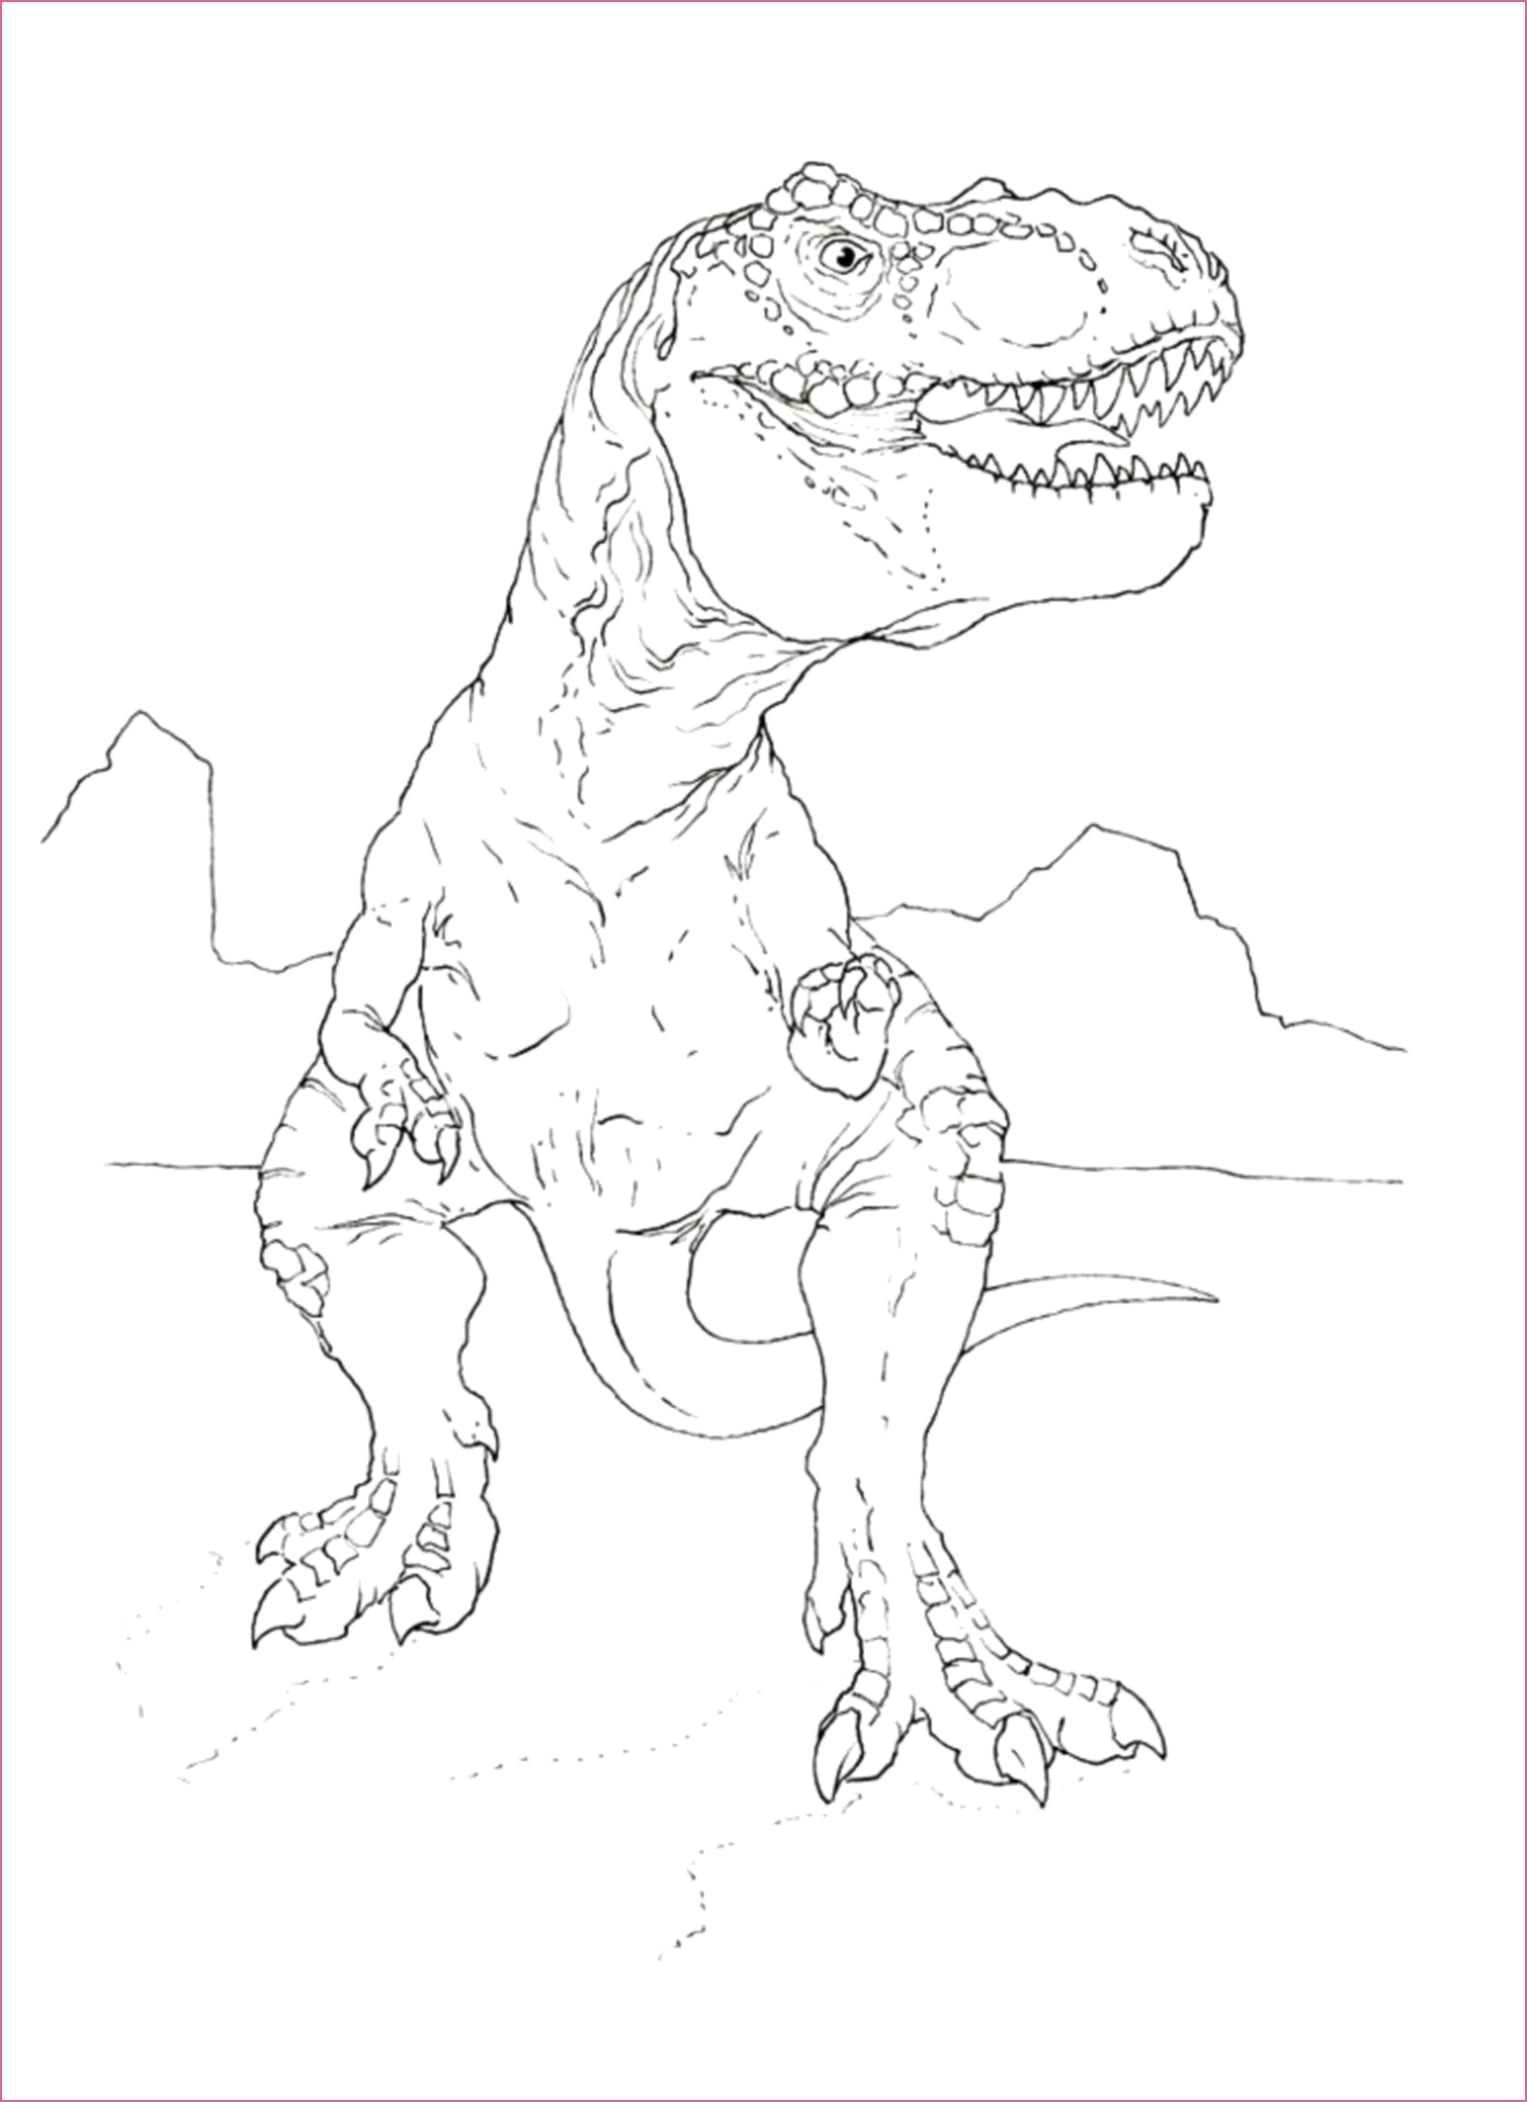 Dinosaurier Landschaft Malvorlage Dinosaurier Malvorlagen Tiere Malvorlagen Zum Ausdrucken